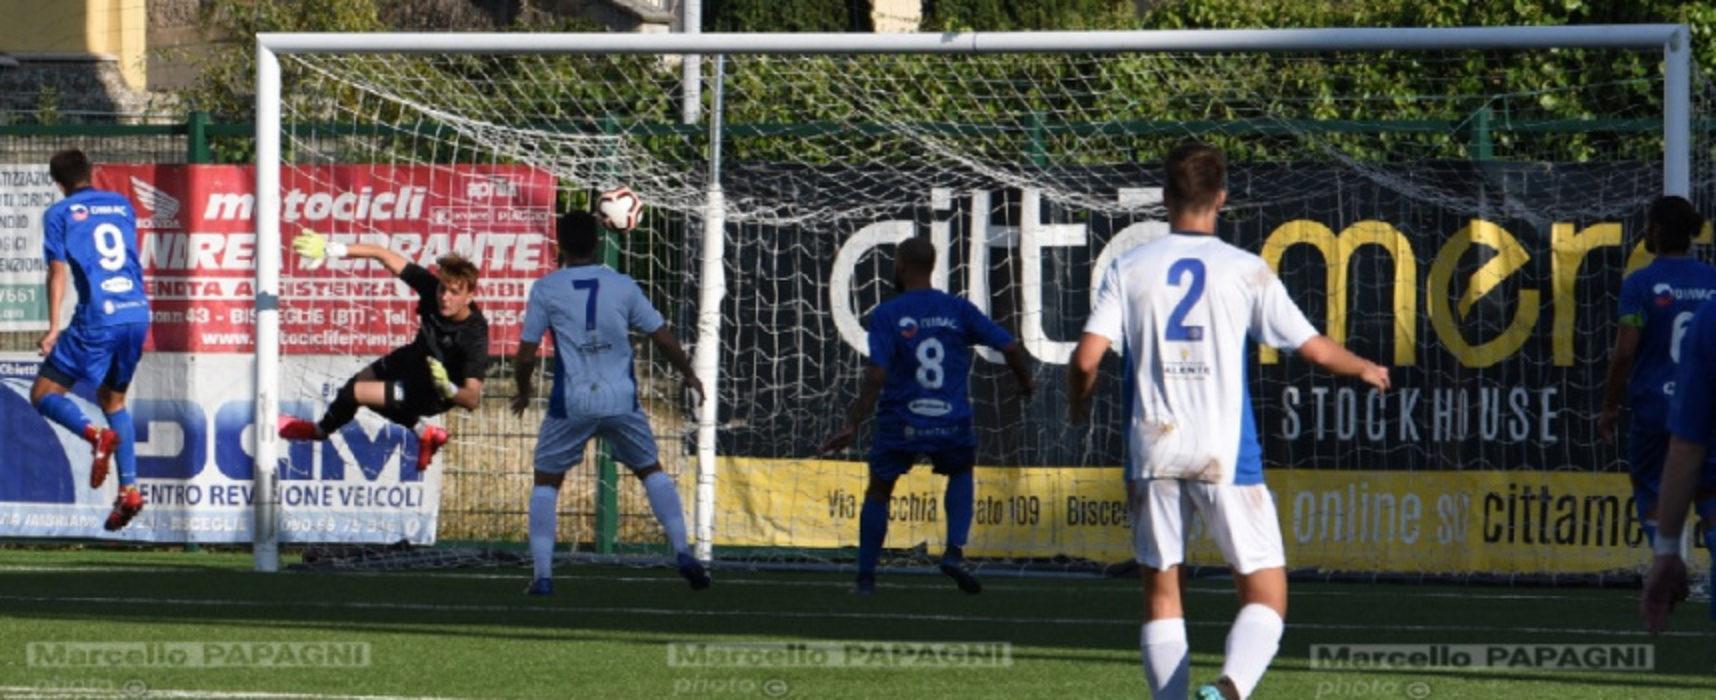 Unione Calcio, Cicerello non basta: ko interno contro il Barletta